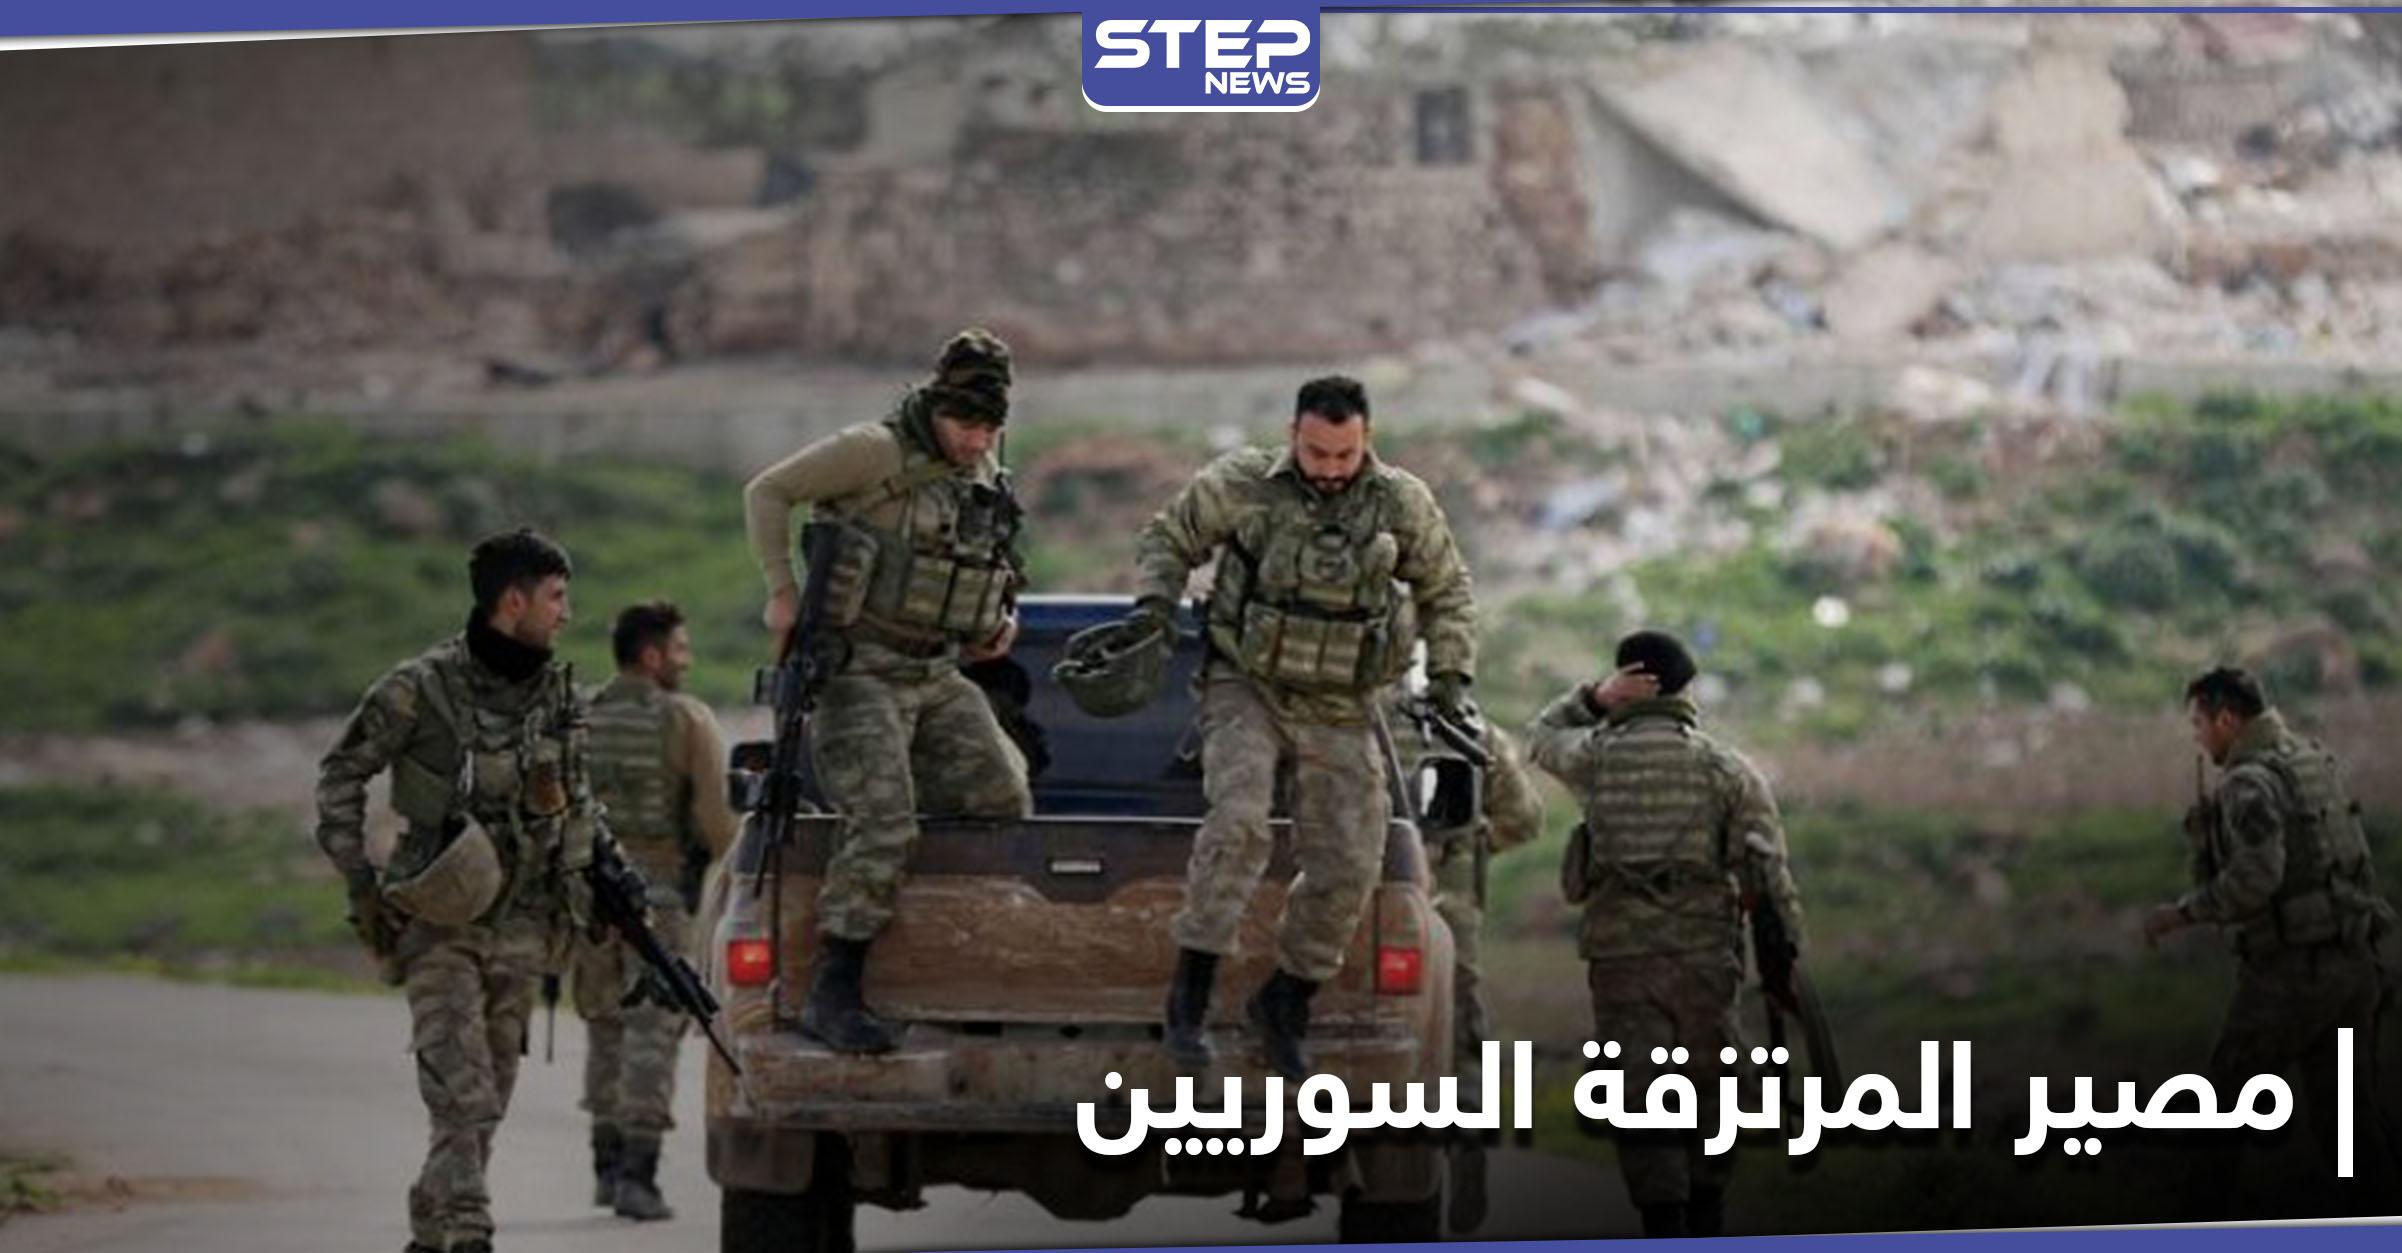 مصير المرتزقة السوريين في أذربيجان